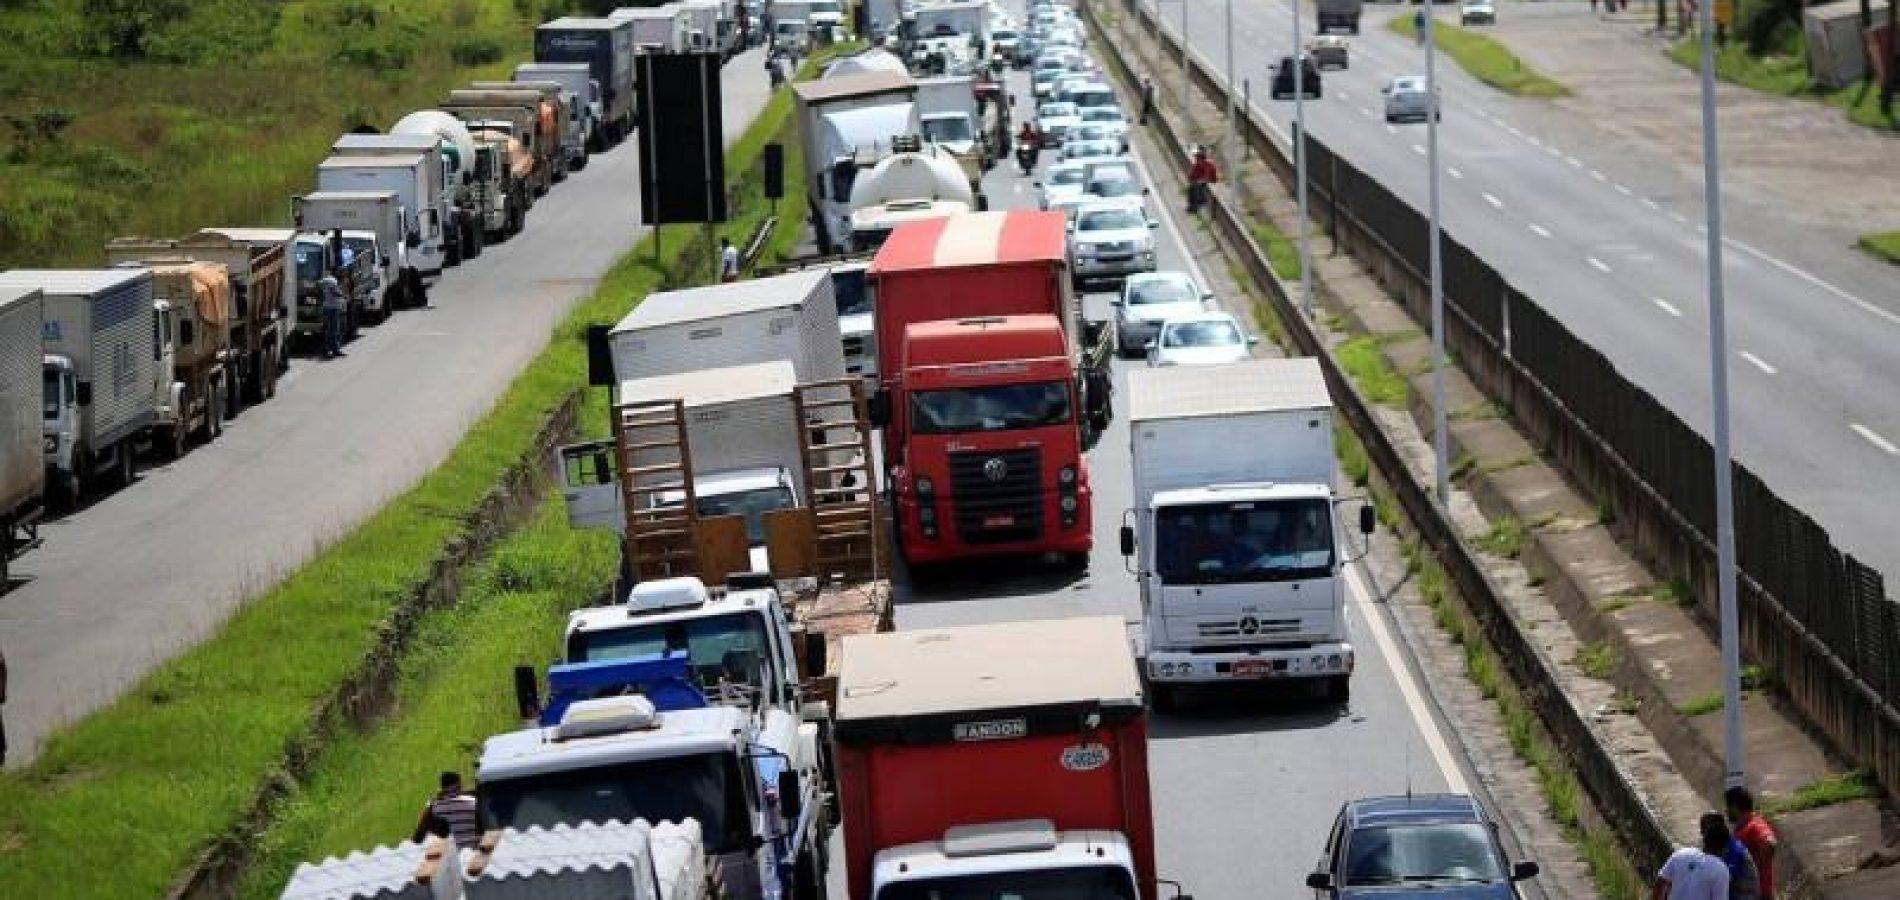 Caminhoneiros do Piauí vão paralisar suas atividades neste sábado